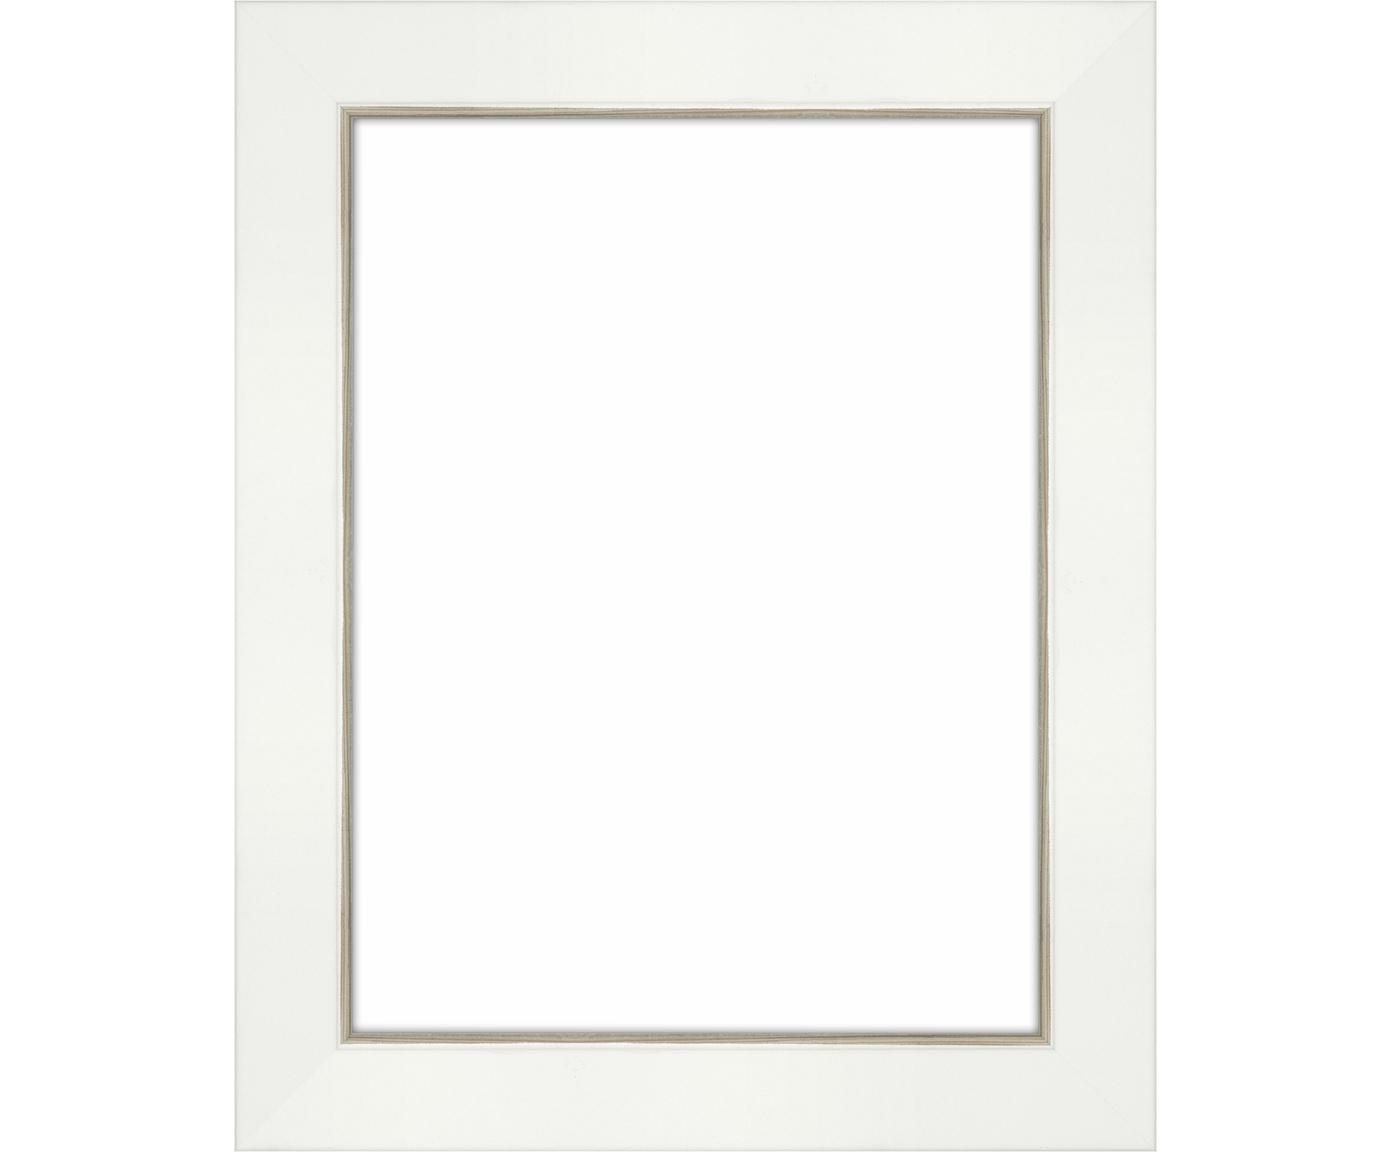 Fotolijstje Classico, Lijst: gelakt woudgrenenhout (pi, Wit, 15 x 20 cm